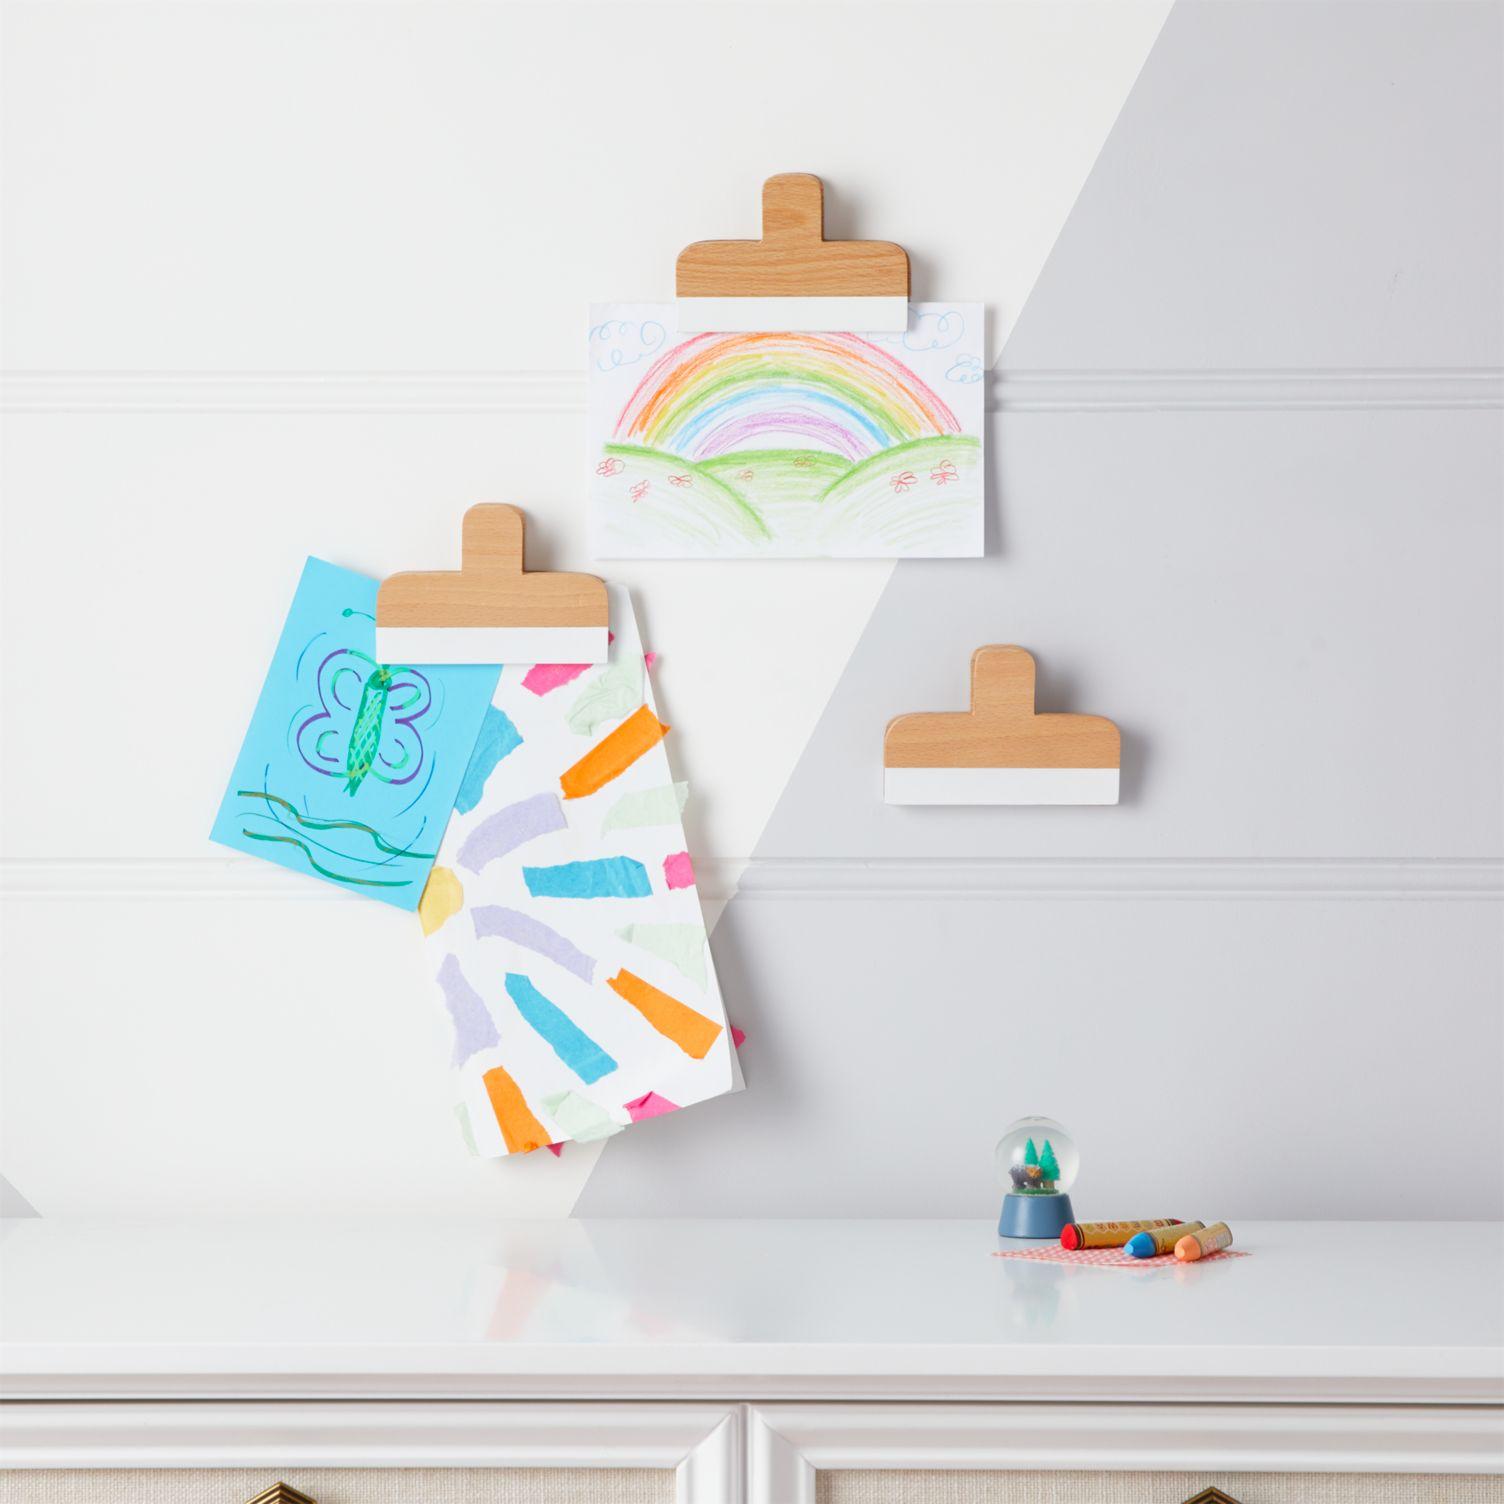 Wall art clips for children's artwork